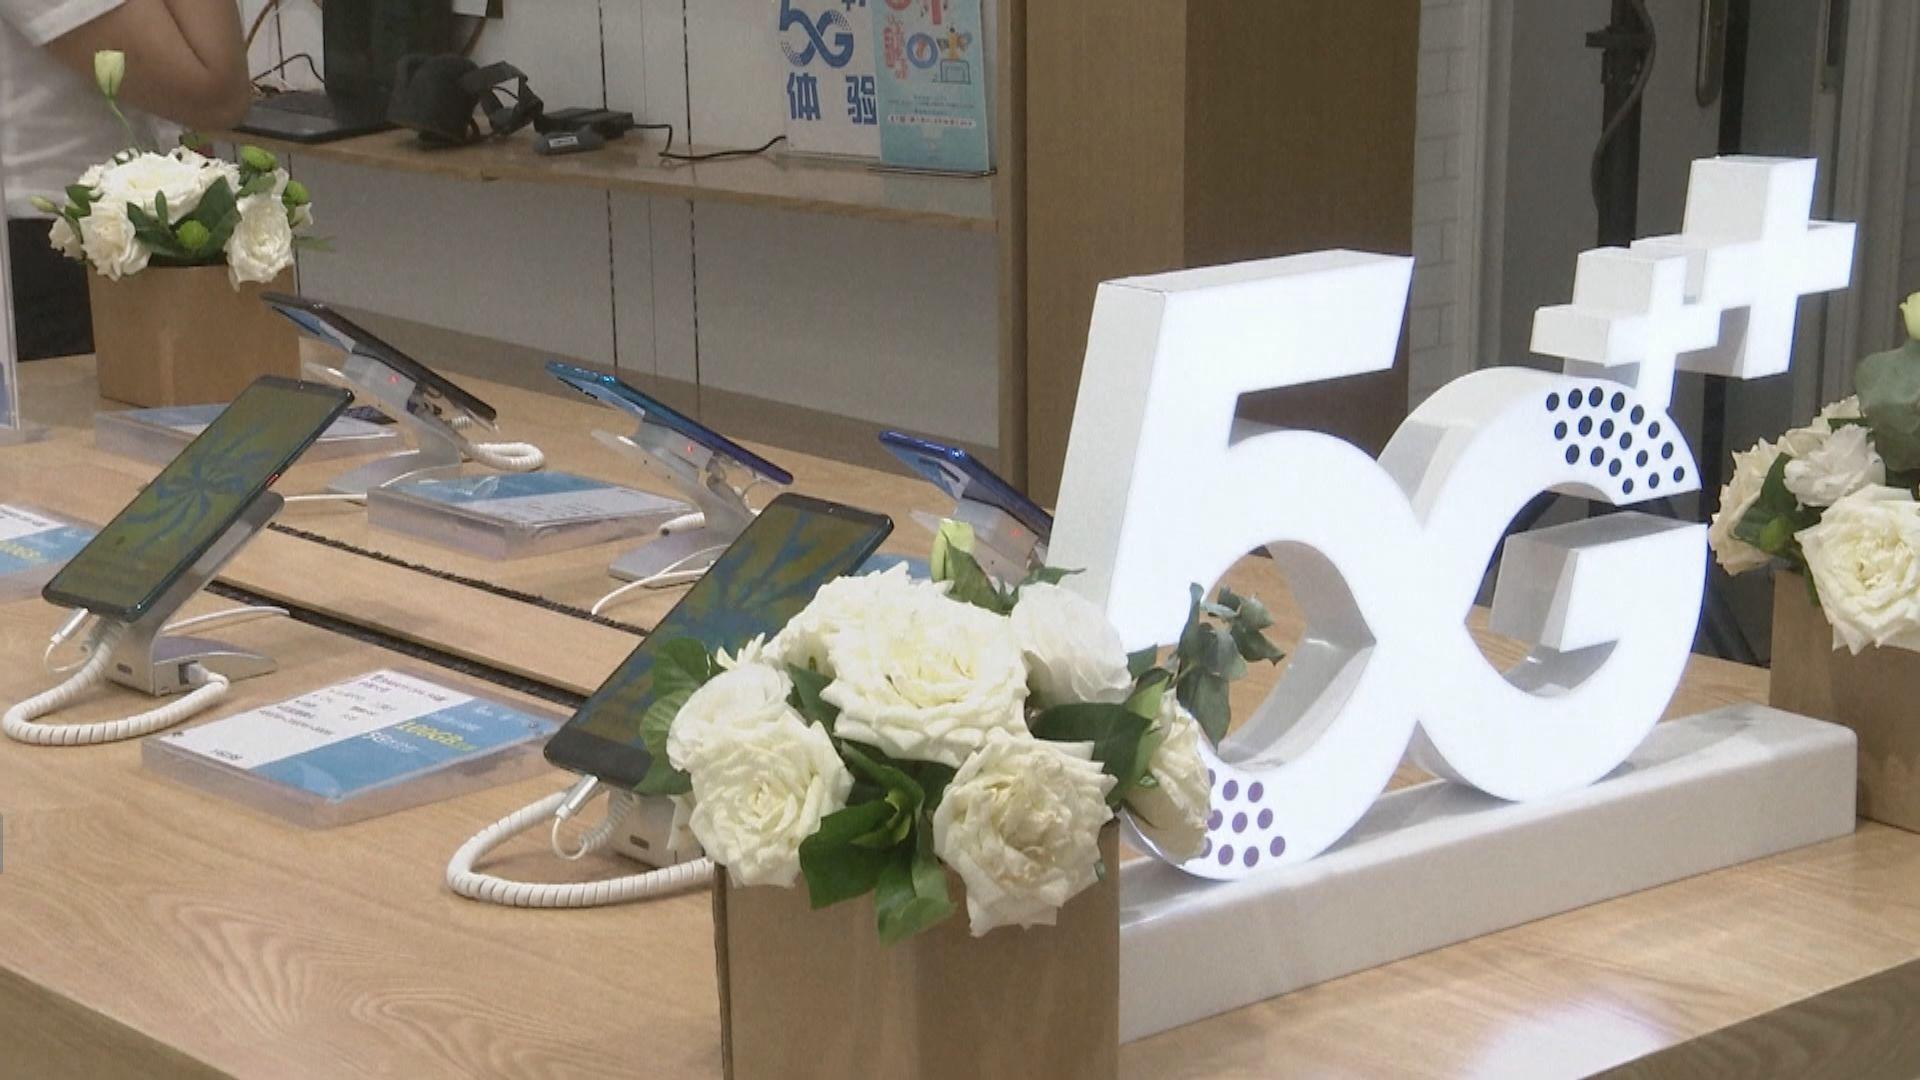 【華為風波】華為目前5G合約有半數來自歐洲客戶